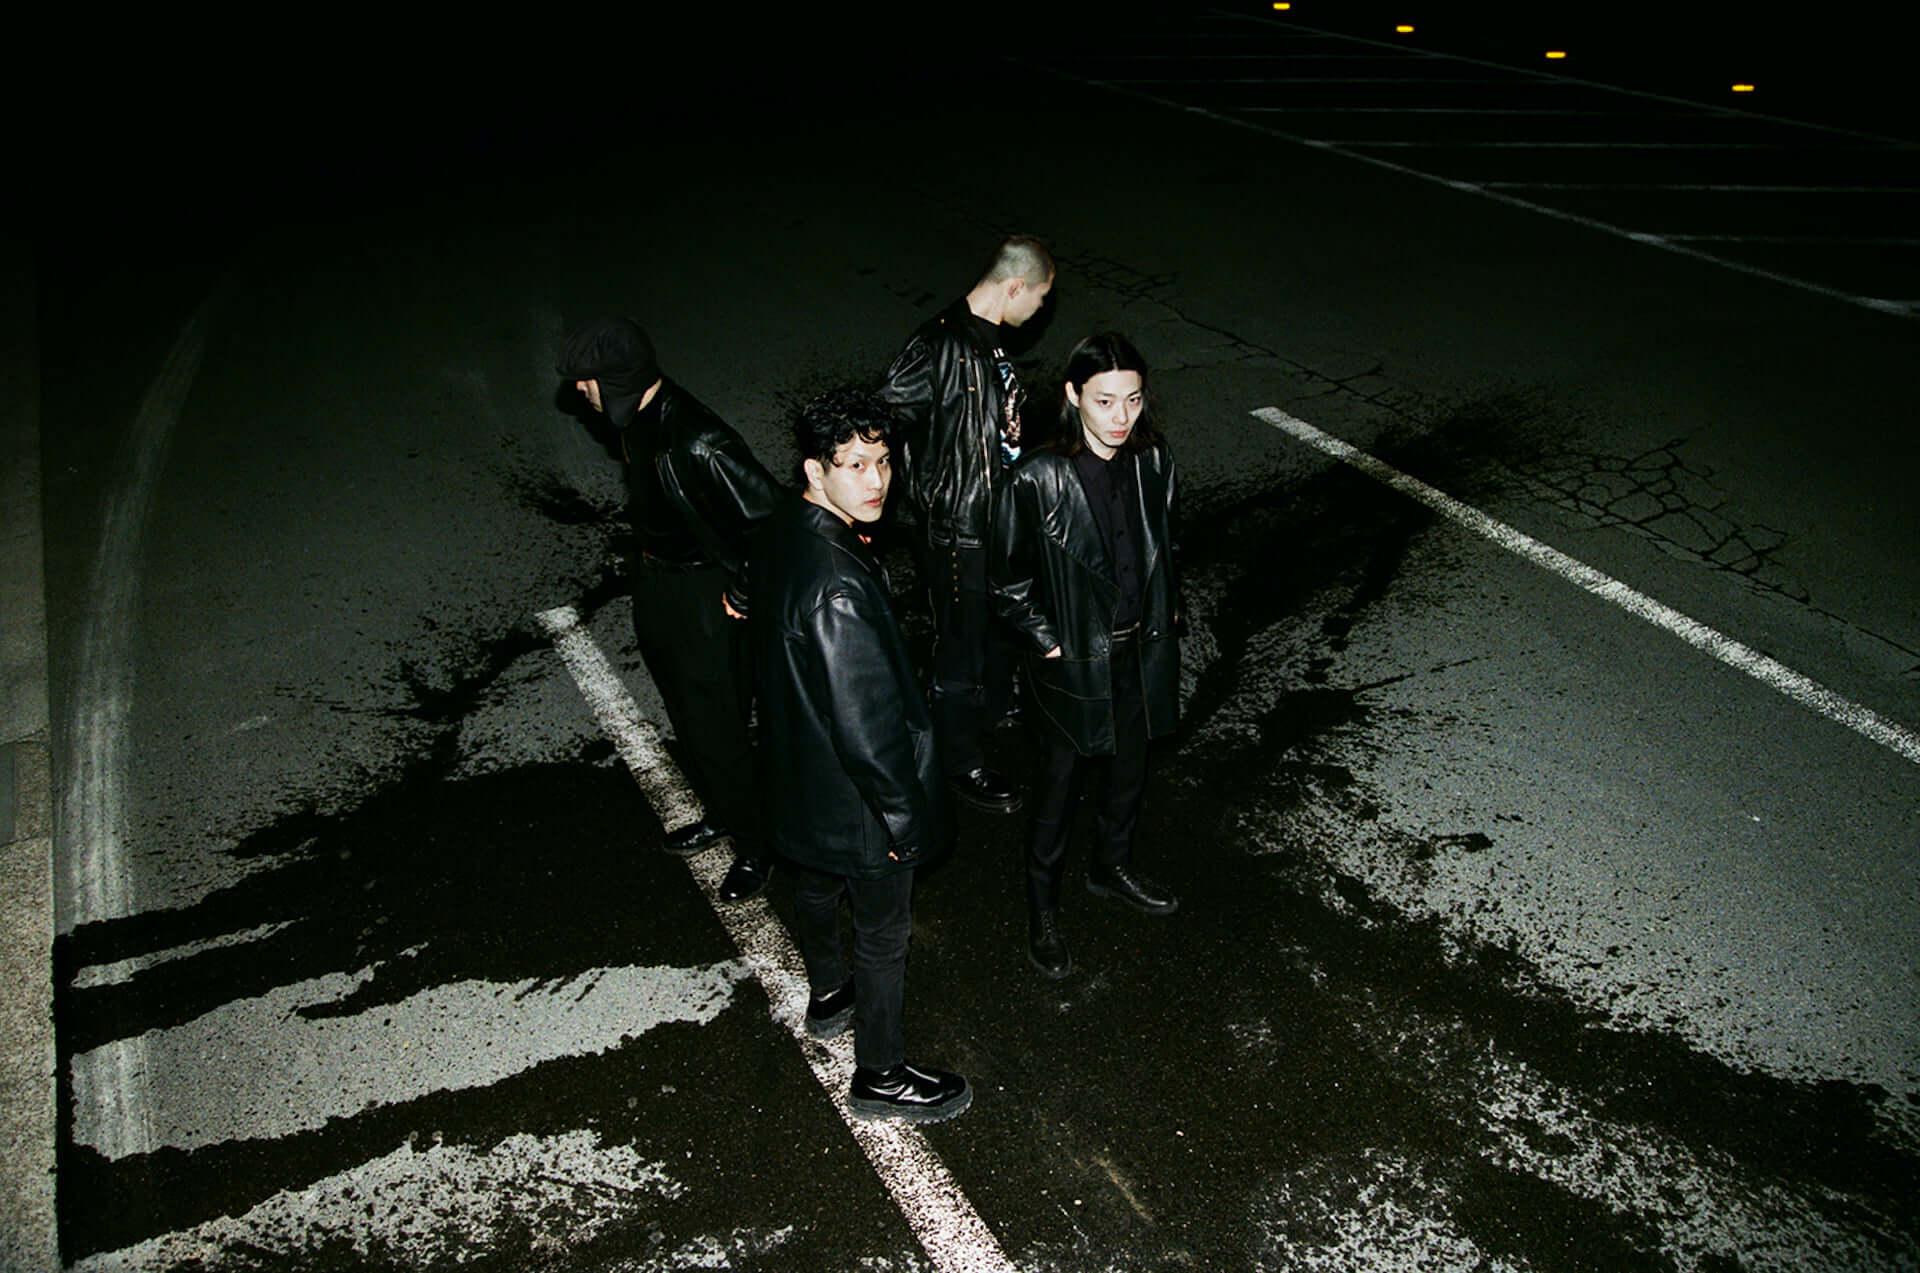 Seiho、yahyel、環ROYによるスリーマンライブがクリエイティブセンター大阪にて開催決定!枚数限定チケットは現在先行受付中 music201021_circus1115_3-1920x1273